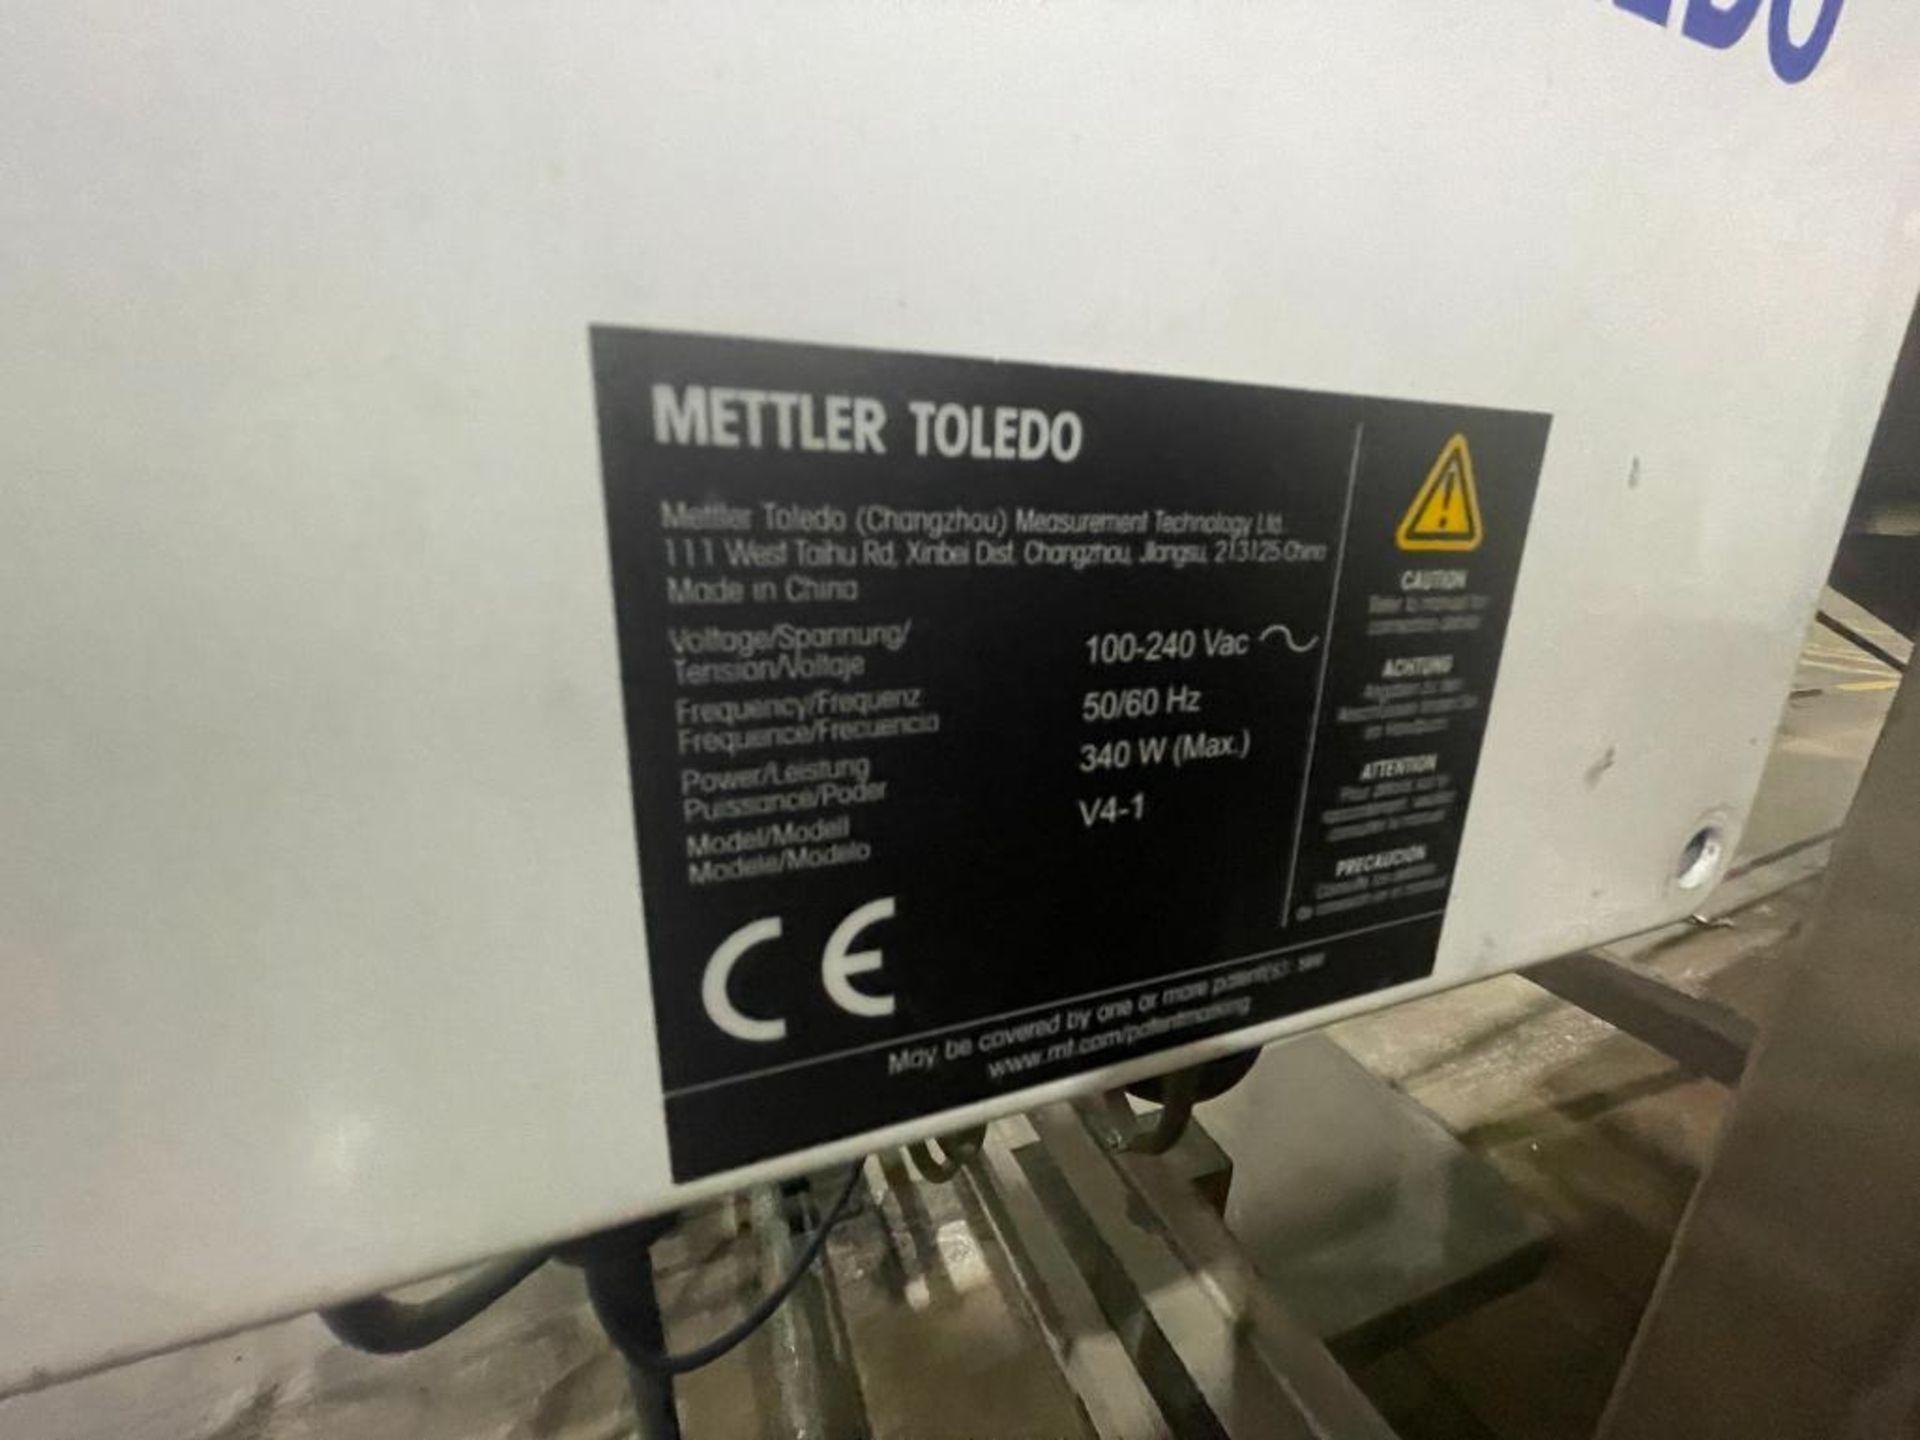 2016 Mettler Toledo metal detector, model SL1500 - Image 11 of 15